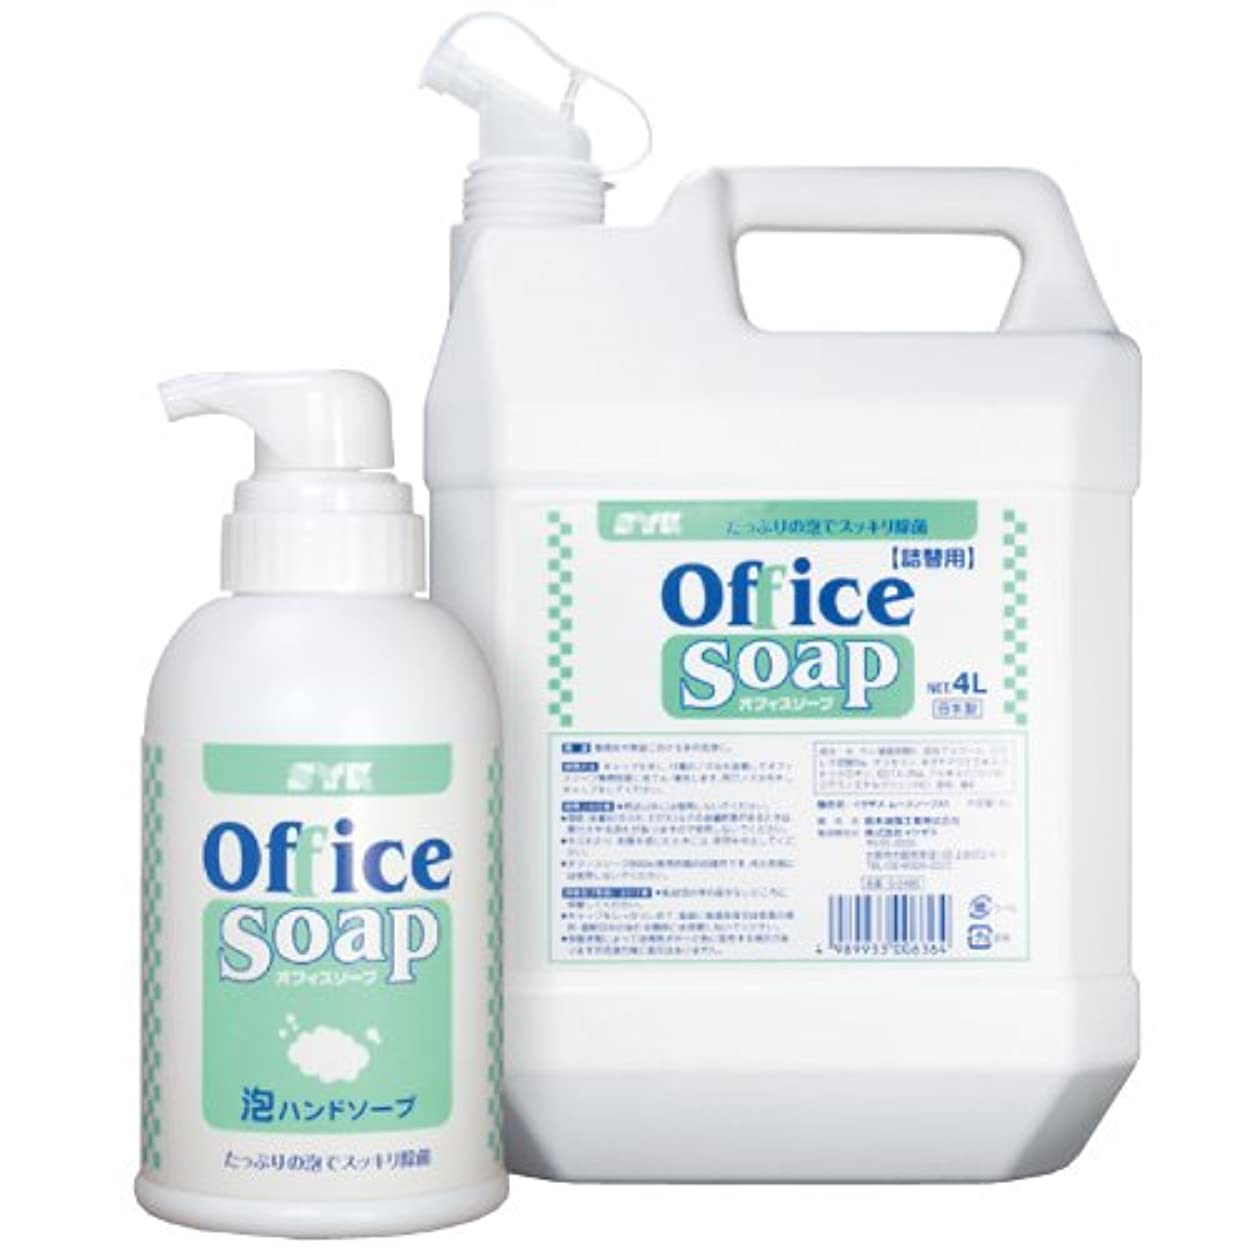 枝強風フラフープ鈴木油脂 事務所用手洗い洗剤 業務用 オフィスソープ ポンプ入 780ml×3本